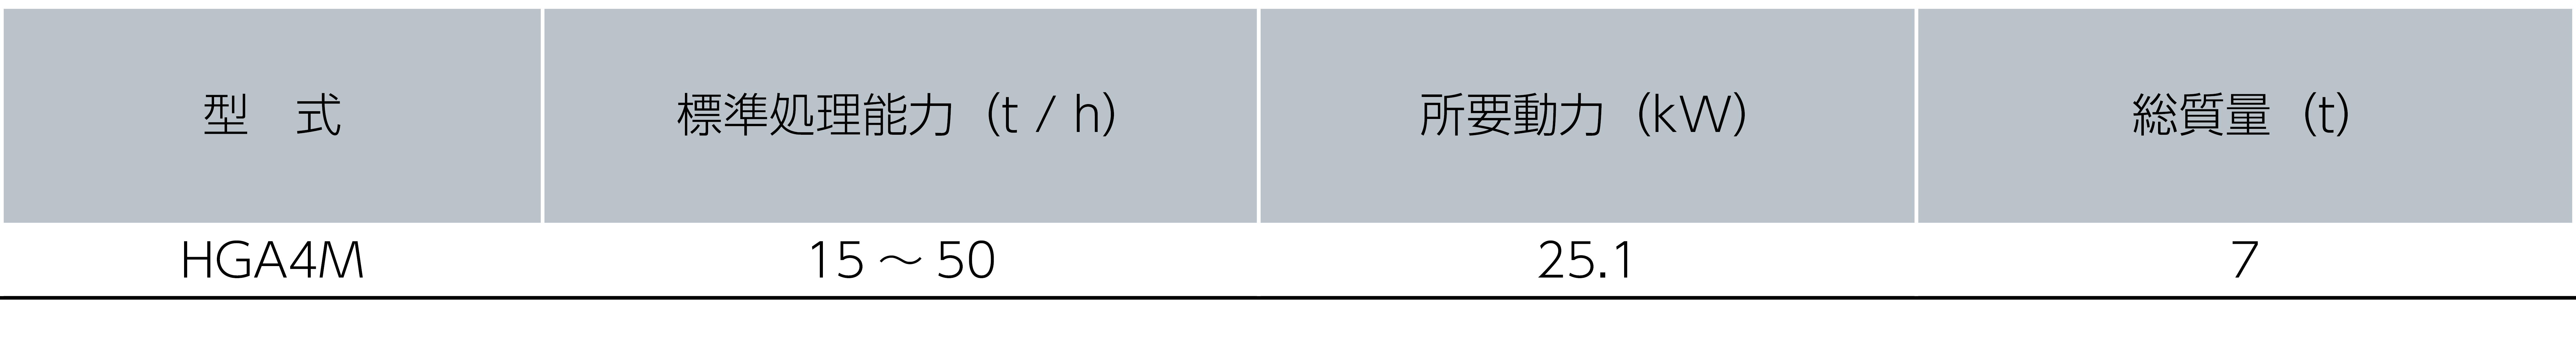 可搬式クラッシャ HGA4M 仕様・処理能力表